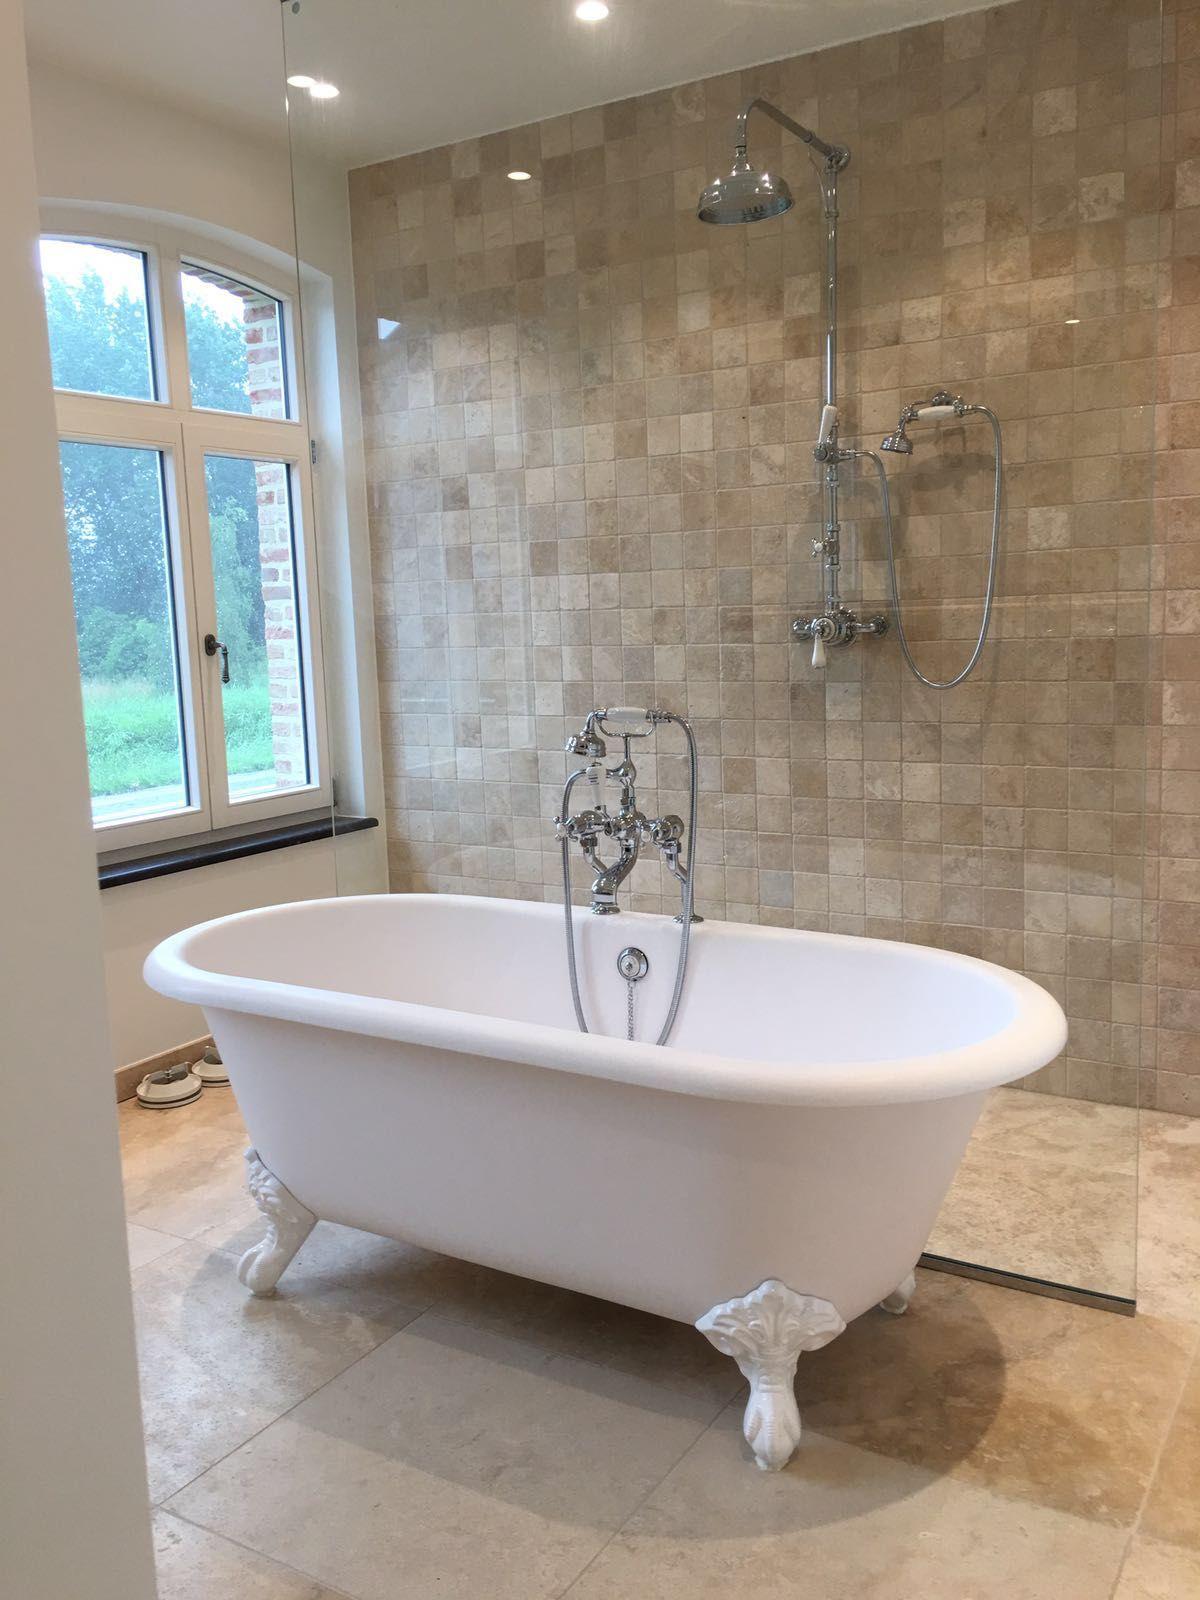 bad op pootjes   landelijke regendouche   Taps  u0026 Baths   badkamer   Pinterest   Bad op pootjes